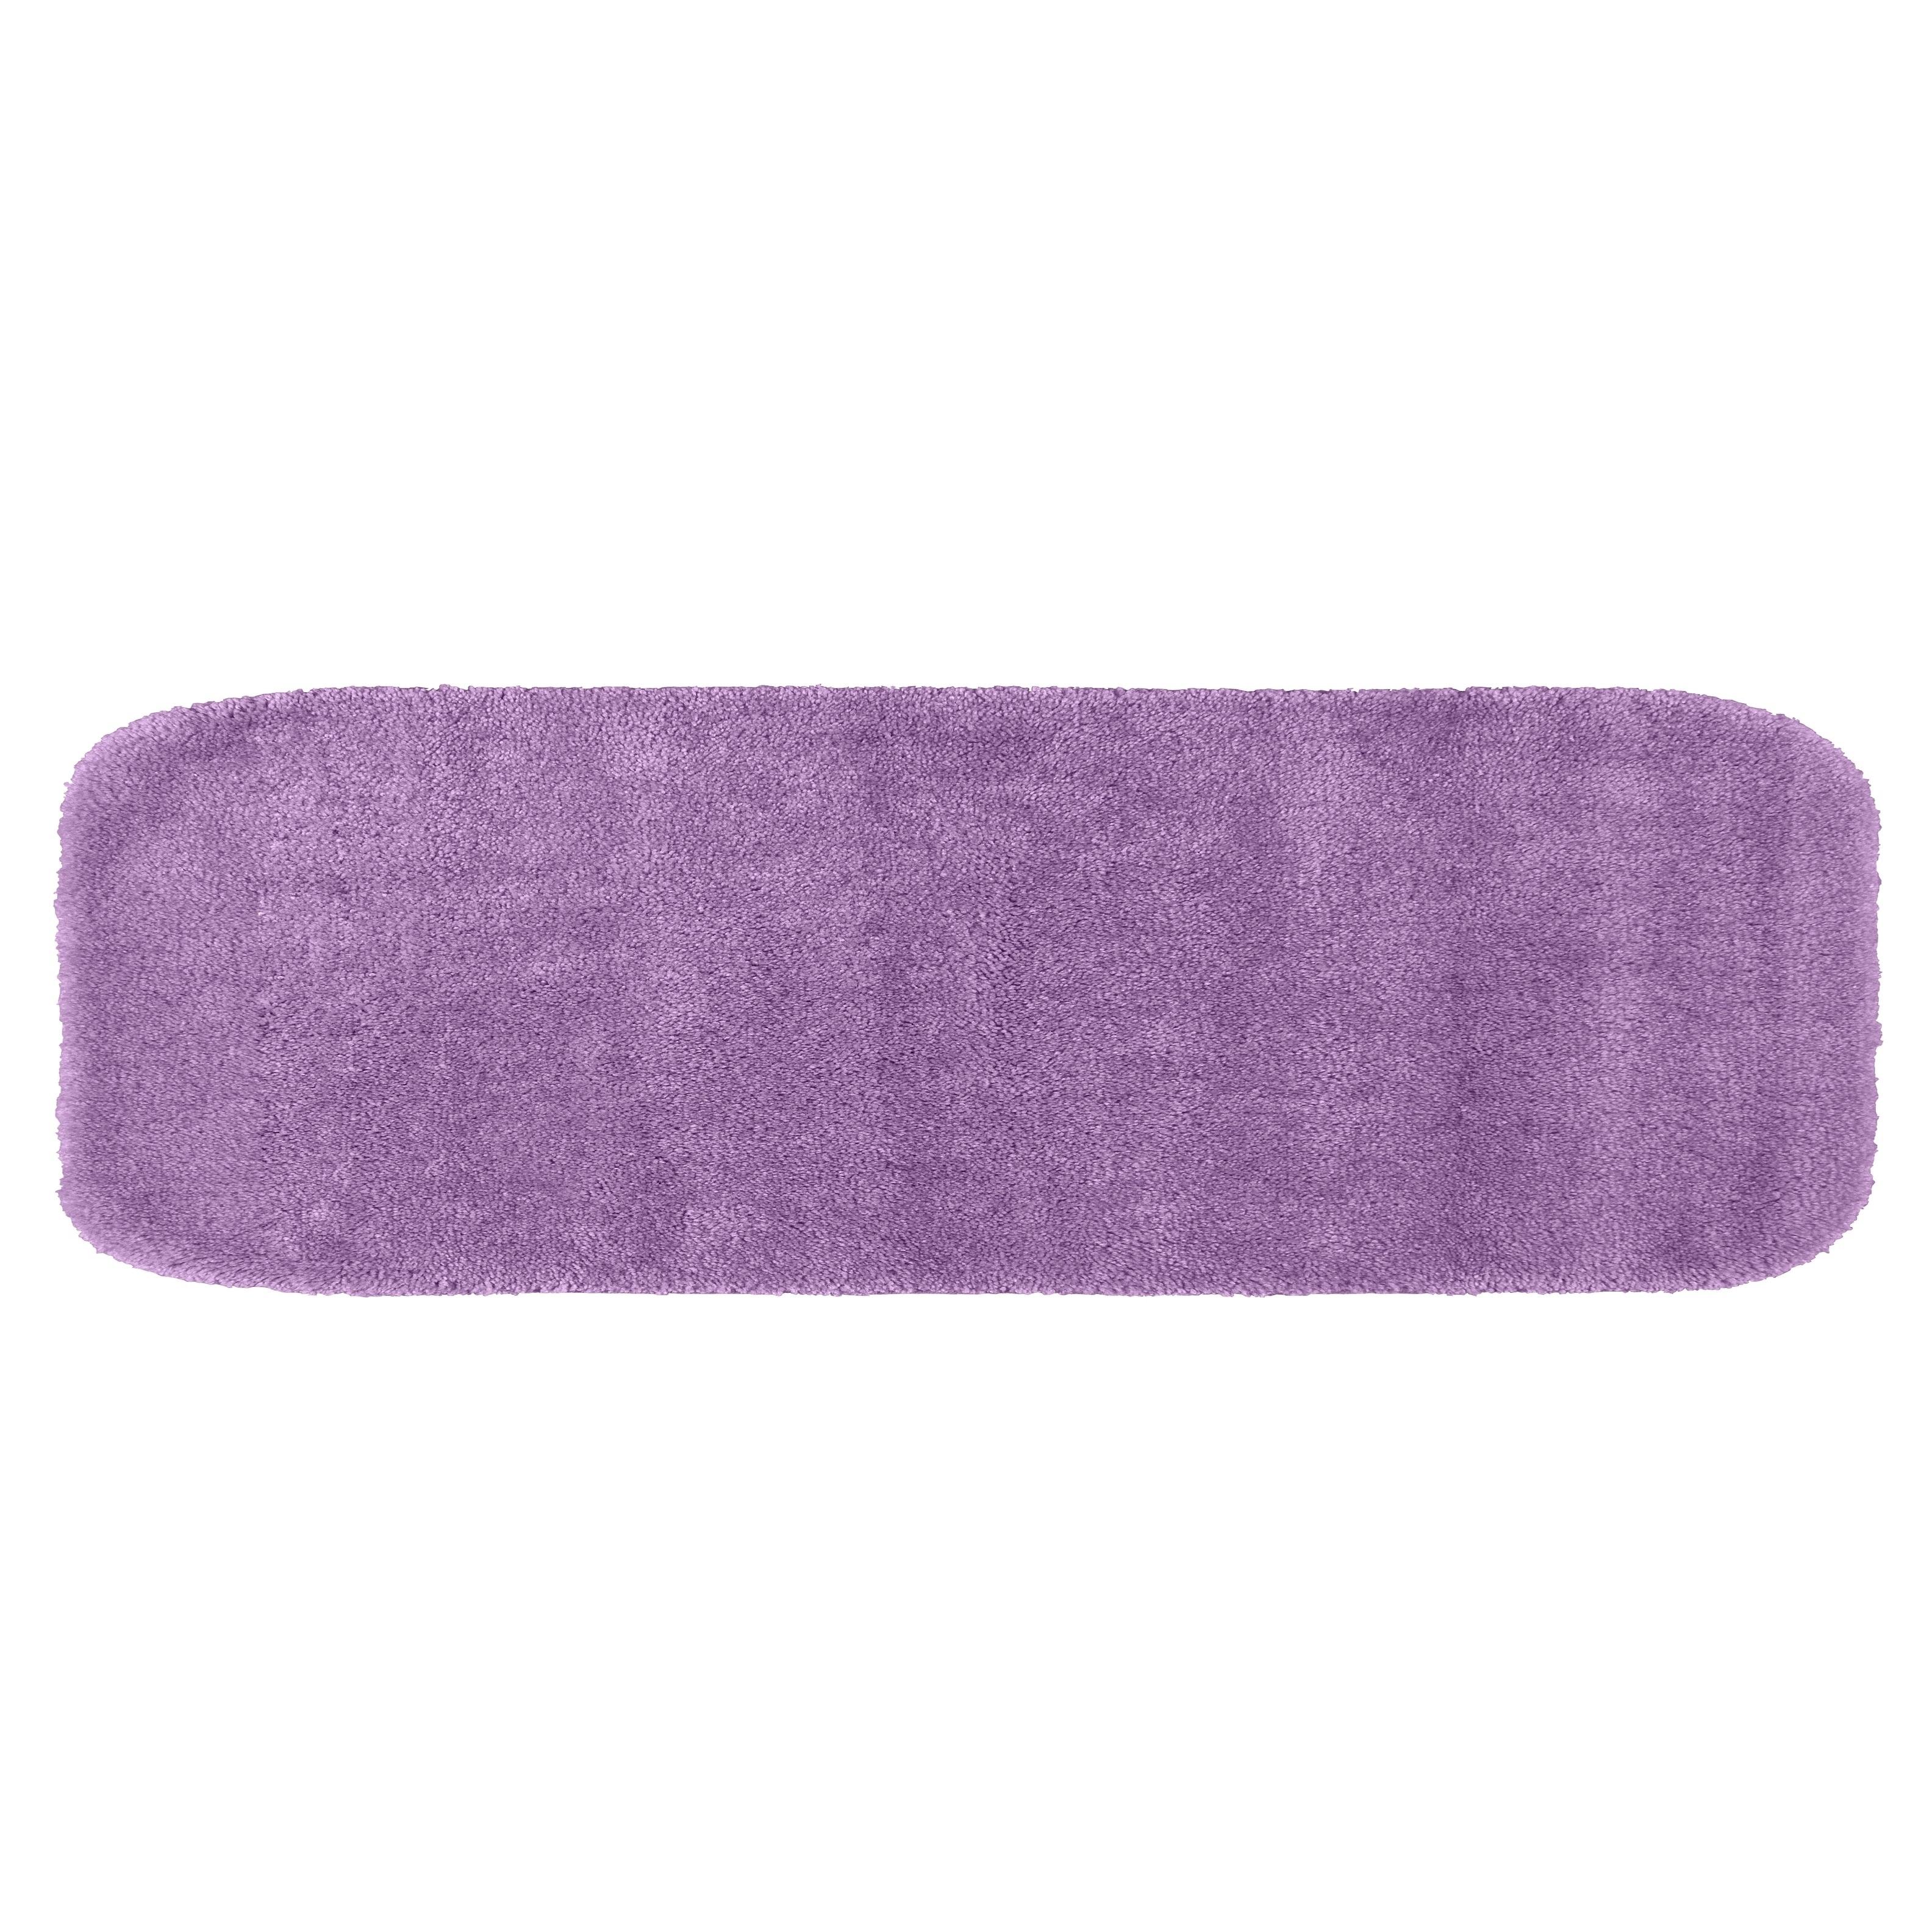 Traditional Purple Plush Washable Nylon Bathroom Rug